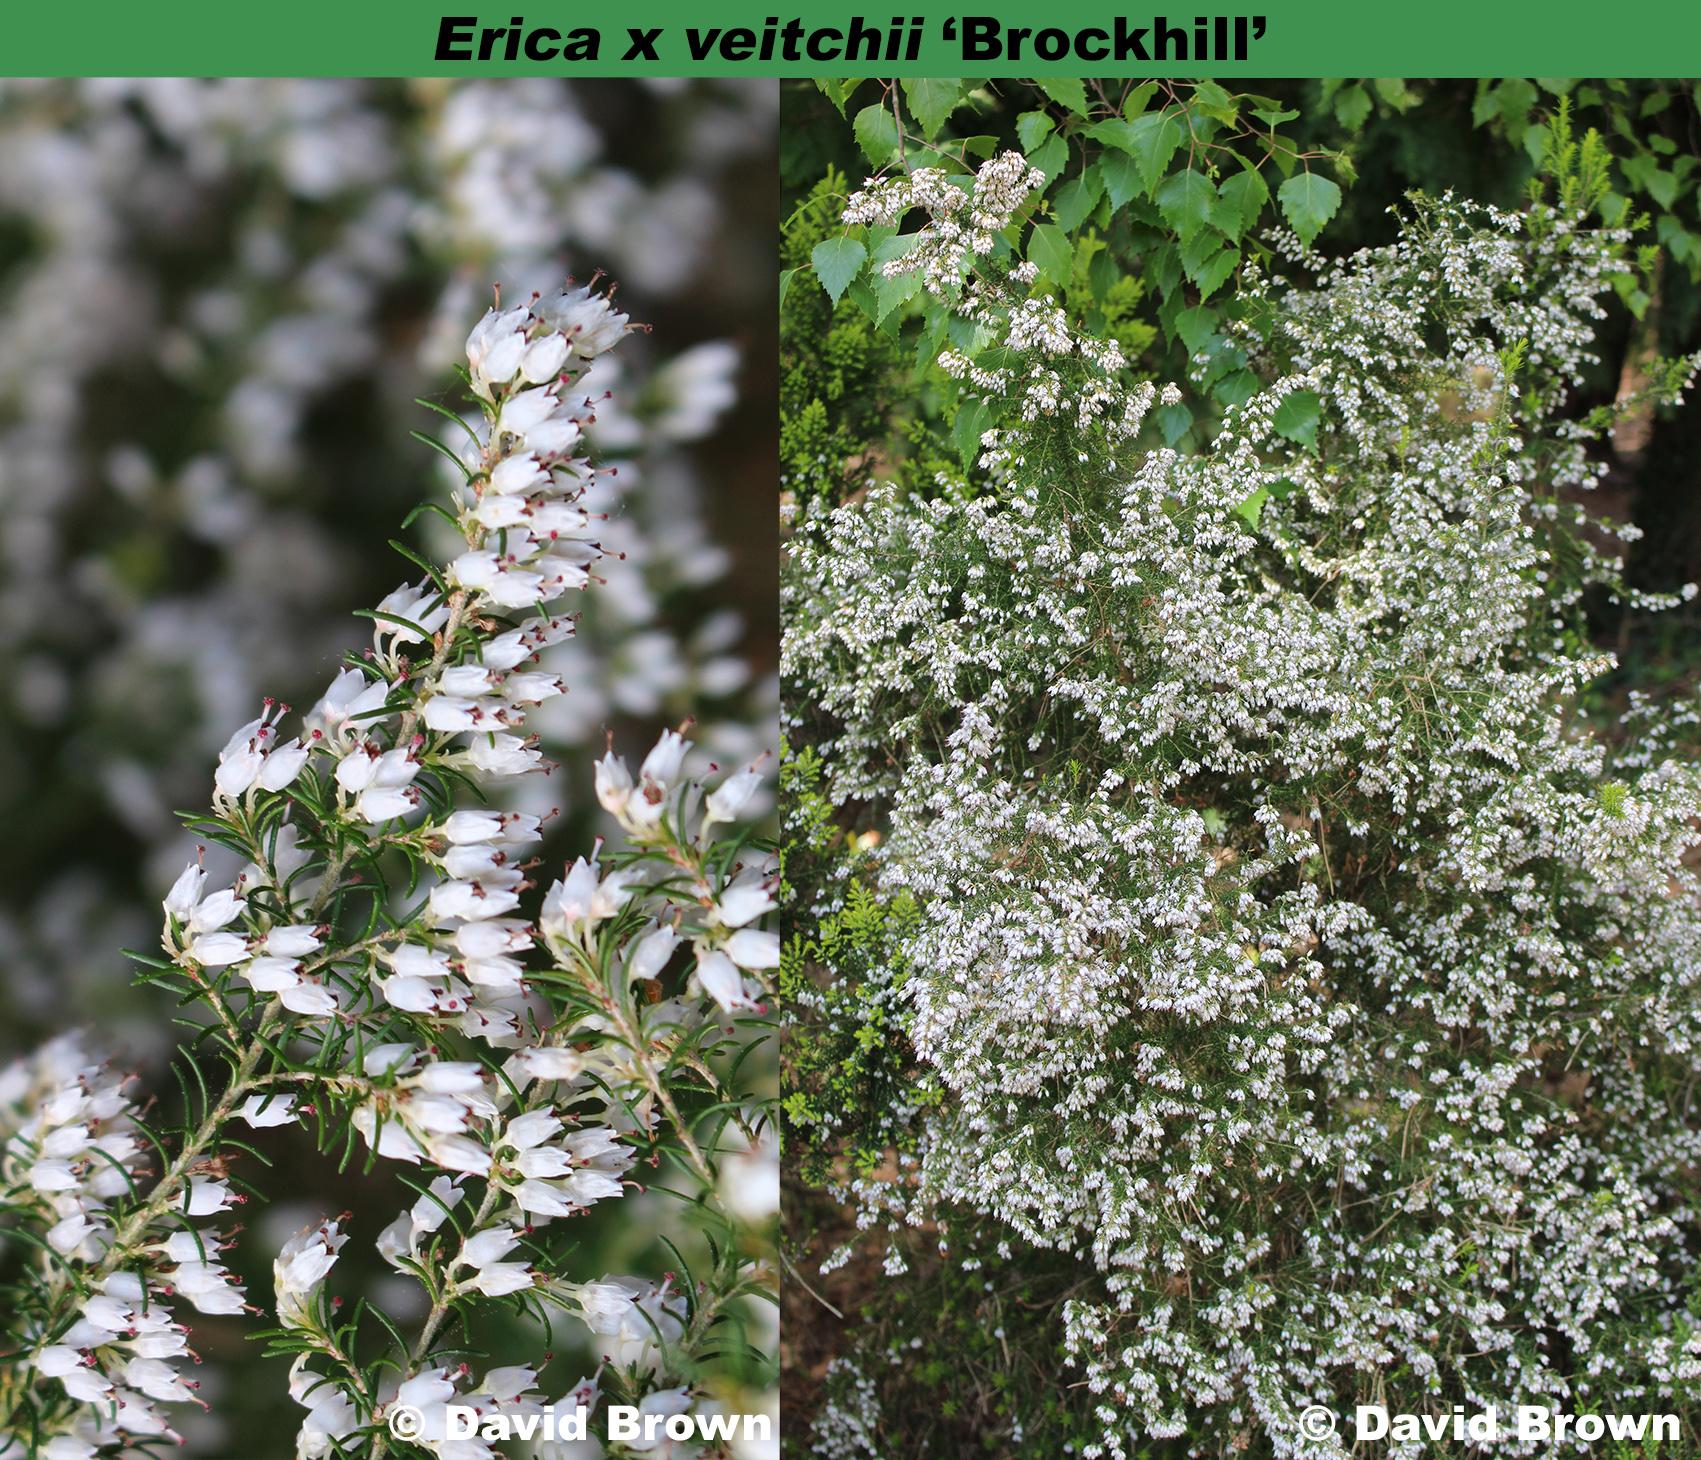 Erica x veitchii 'Brockhill'